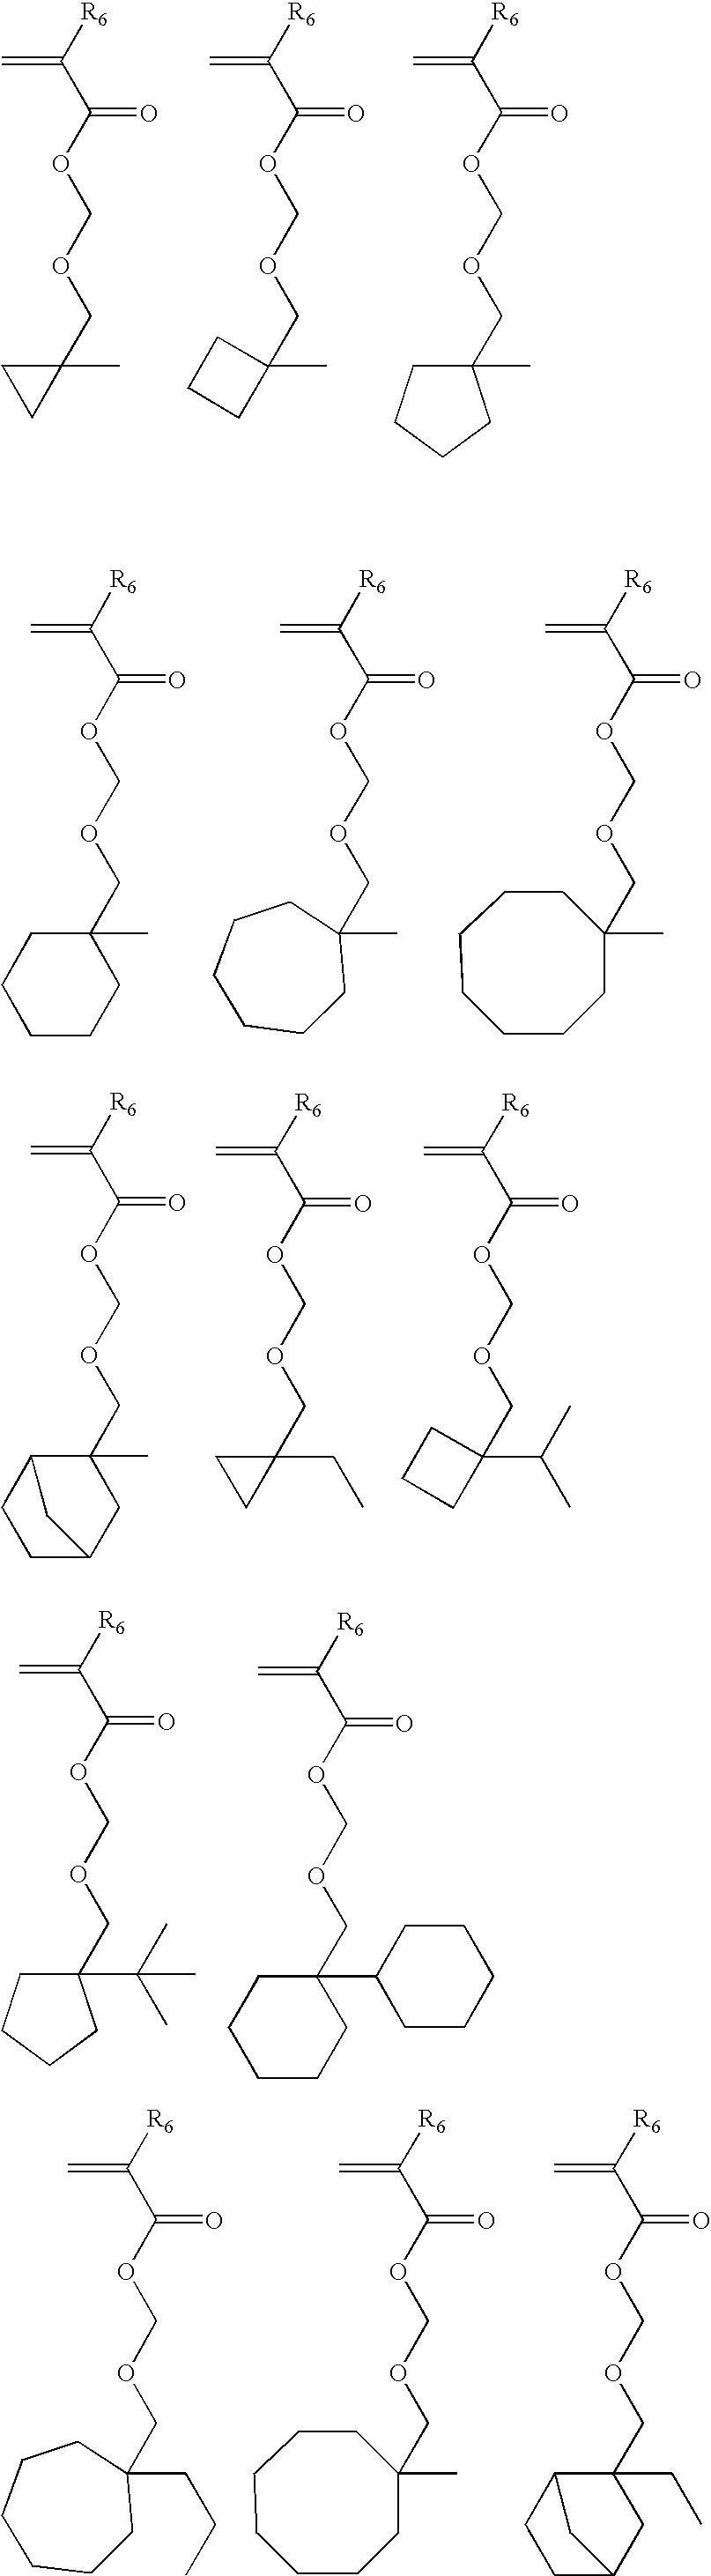 Figure US07687222-20100330-C00018